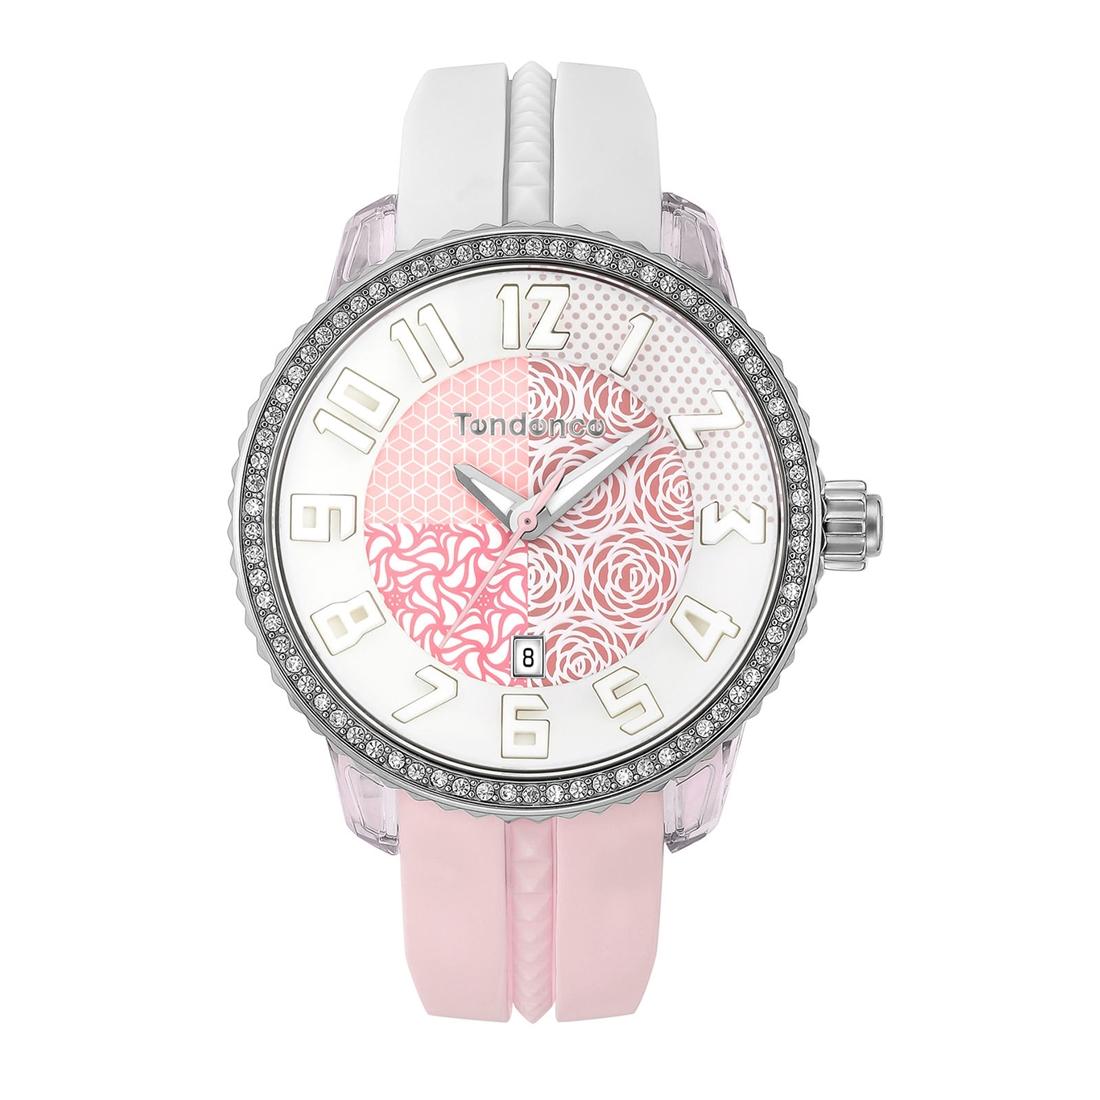 【今ならオーバーサイズノートプレゼント】 テンデンス Tendence TY930065 クレイジー 正規品 腕時計